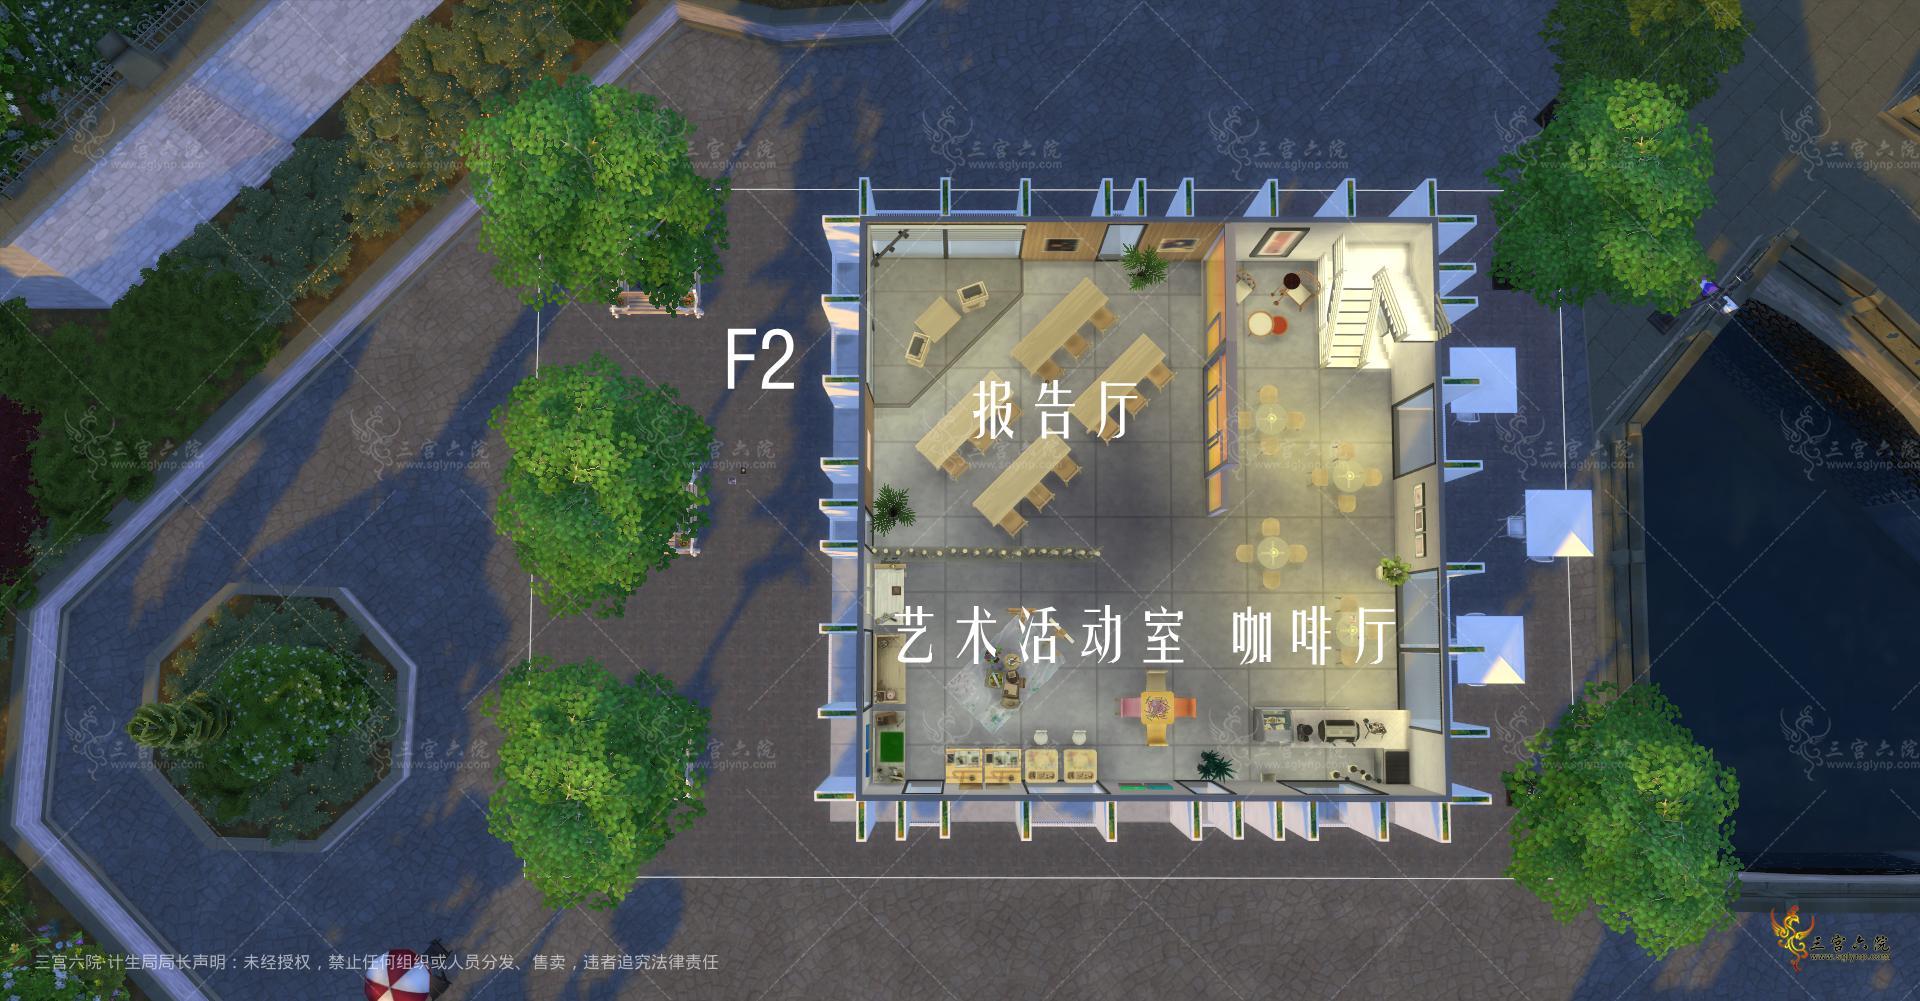 Sims 4 Screenshot 2021.09.20 - 22.44.01.85_副本.png